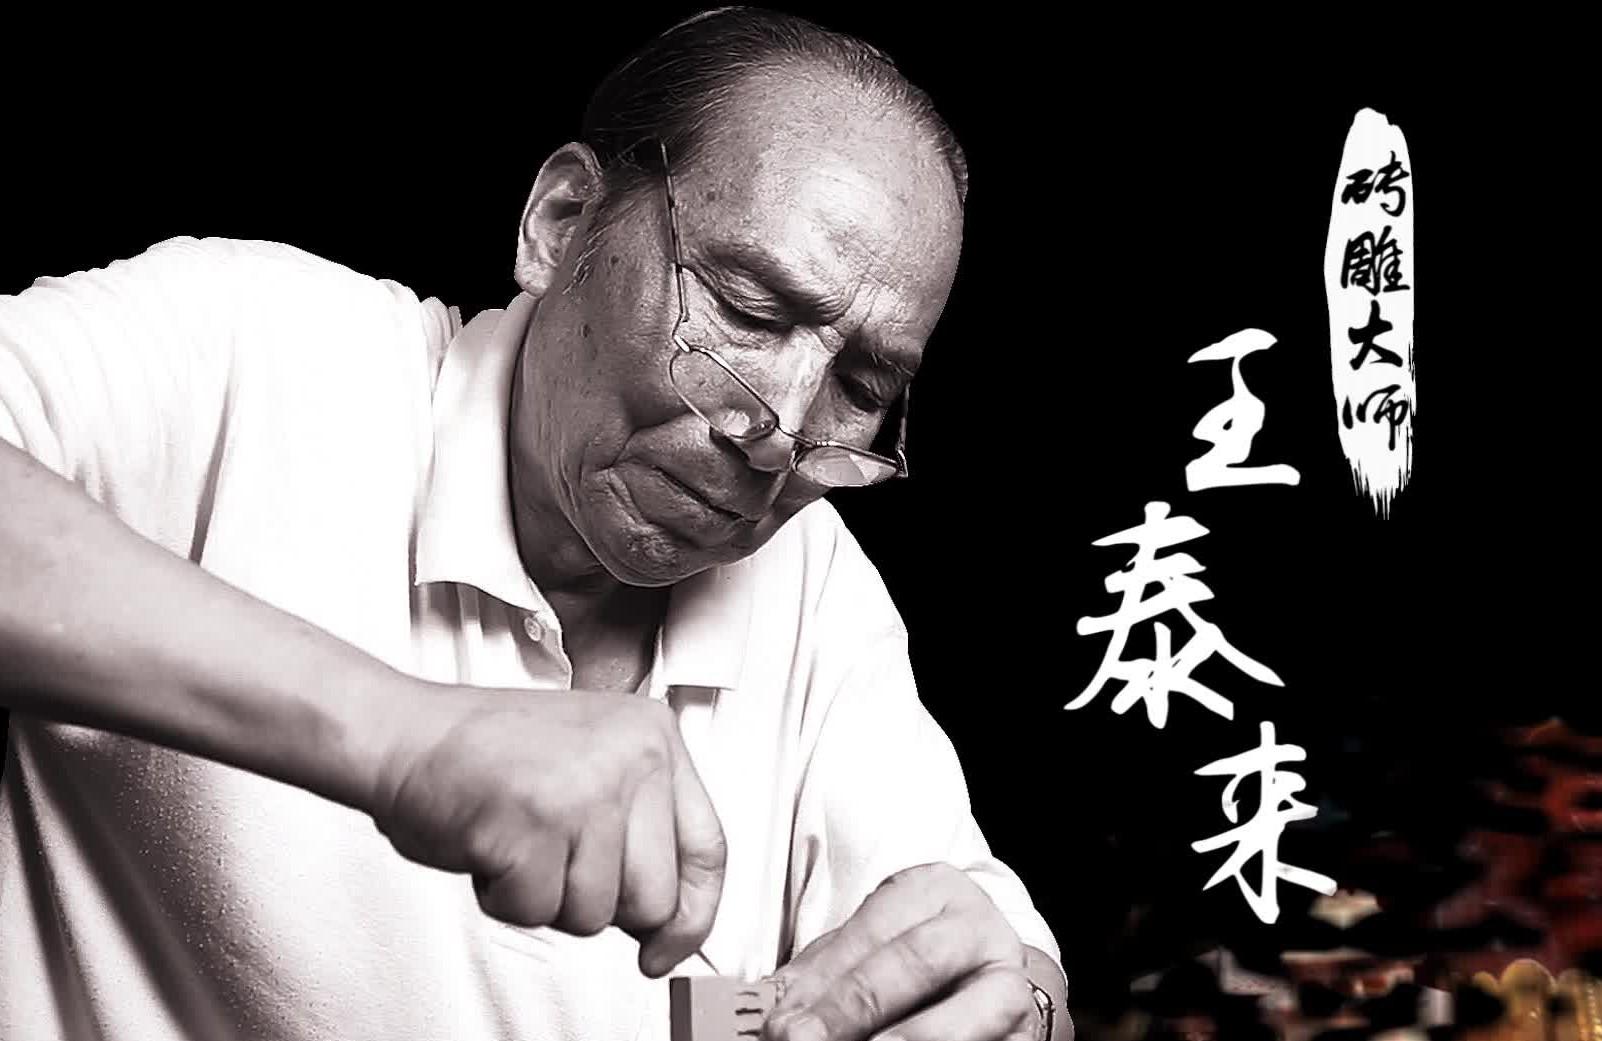 绽放:砖雕舞者十六载重塑大唐梦 02